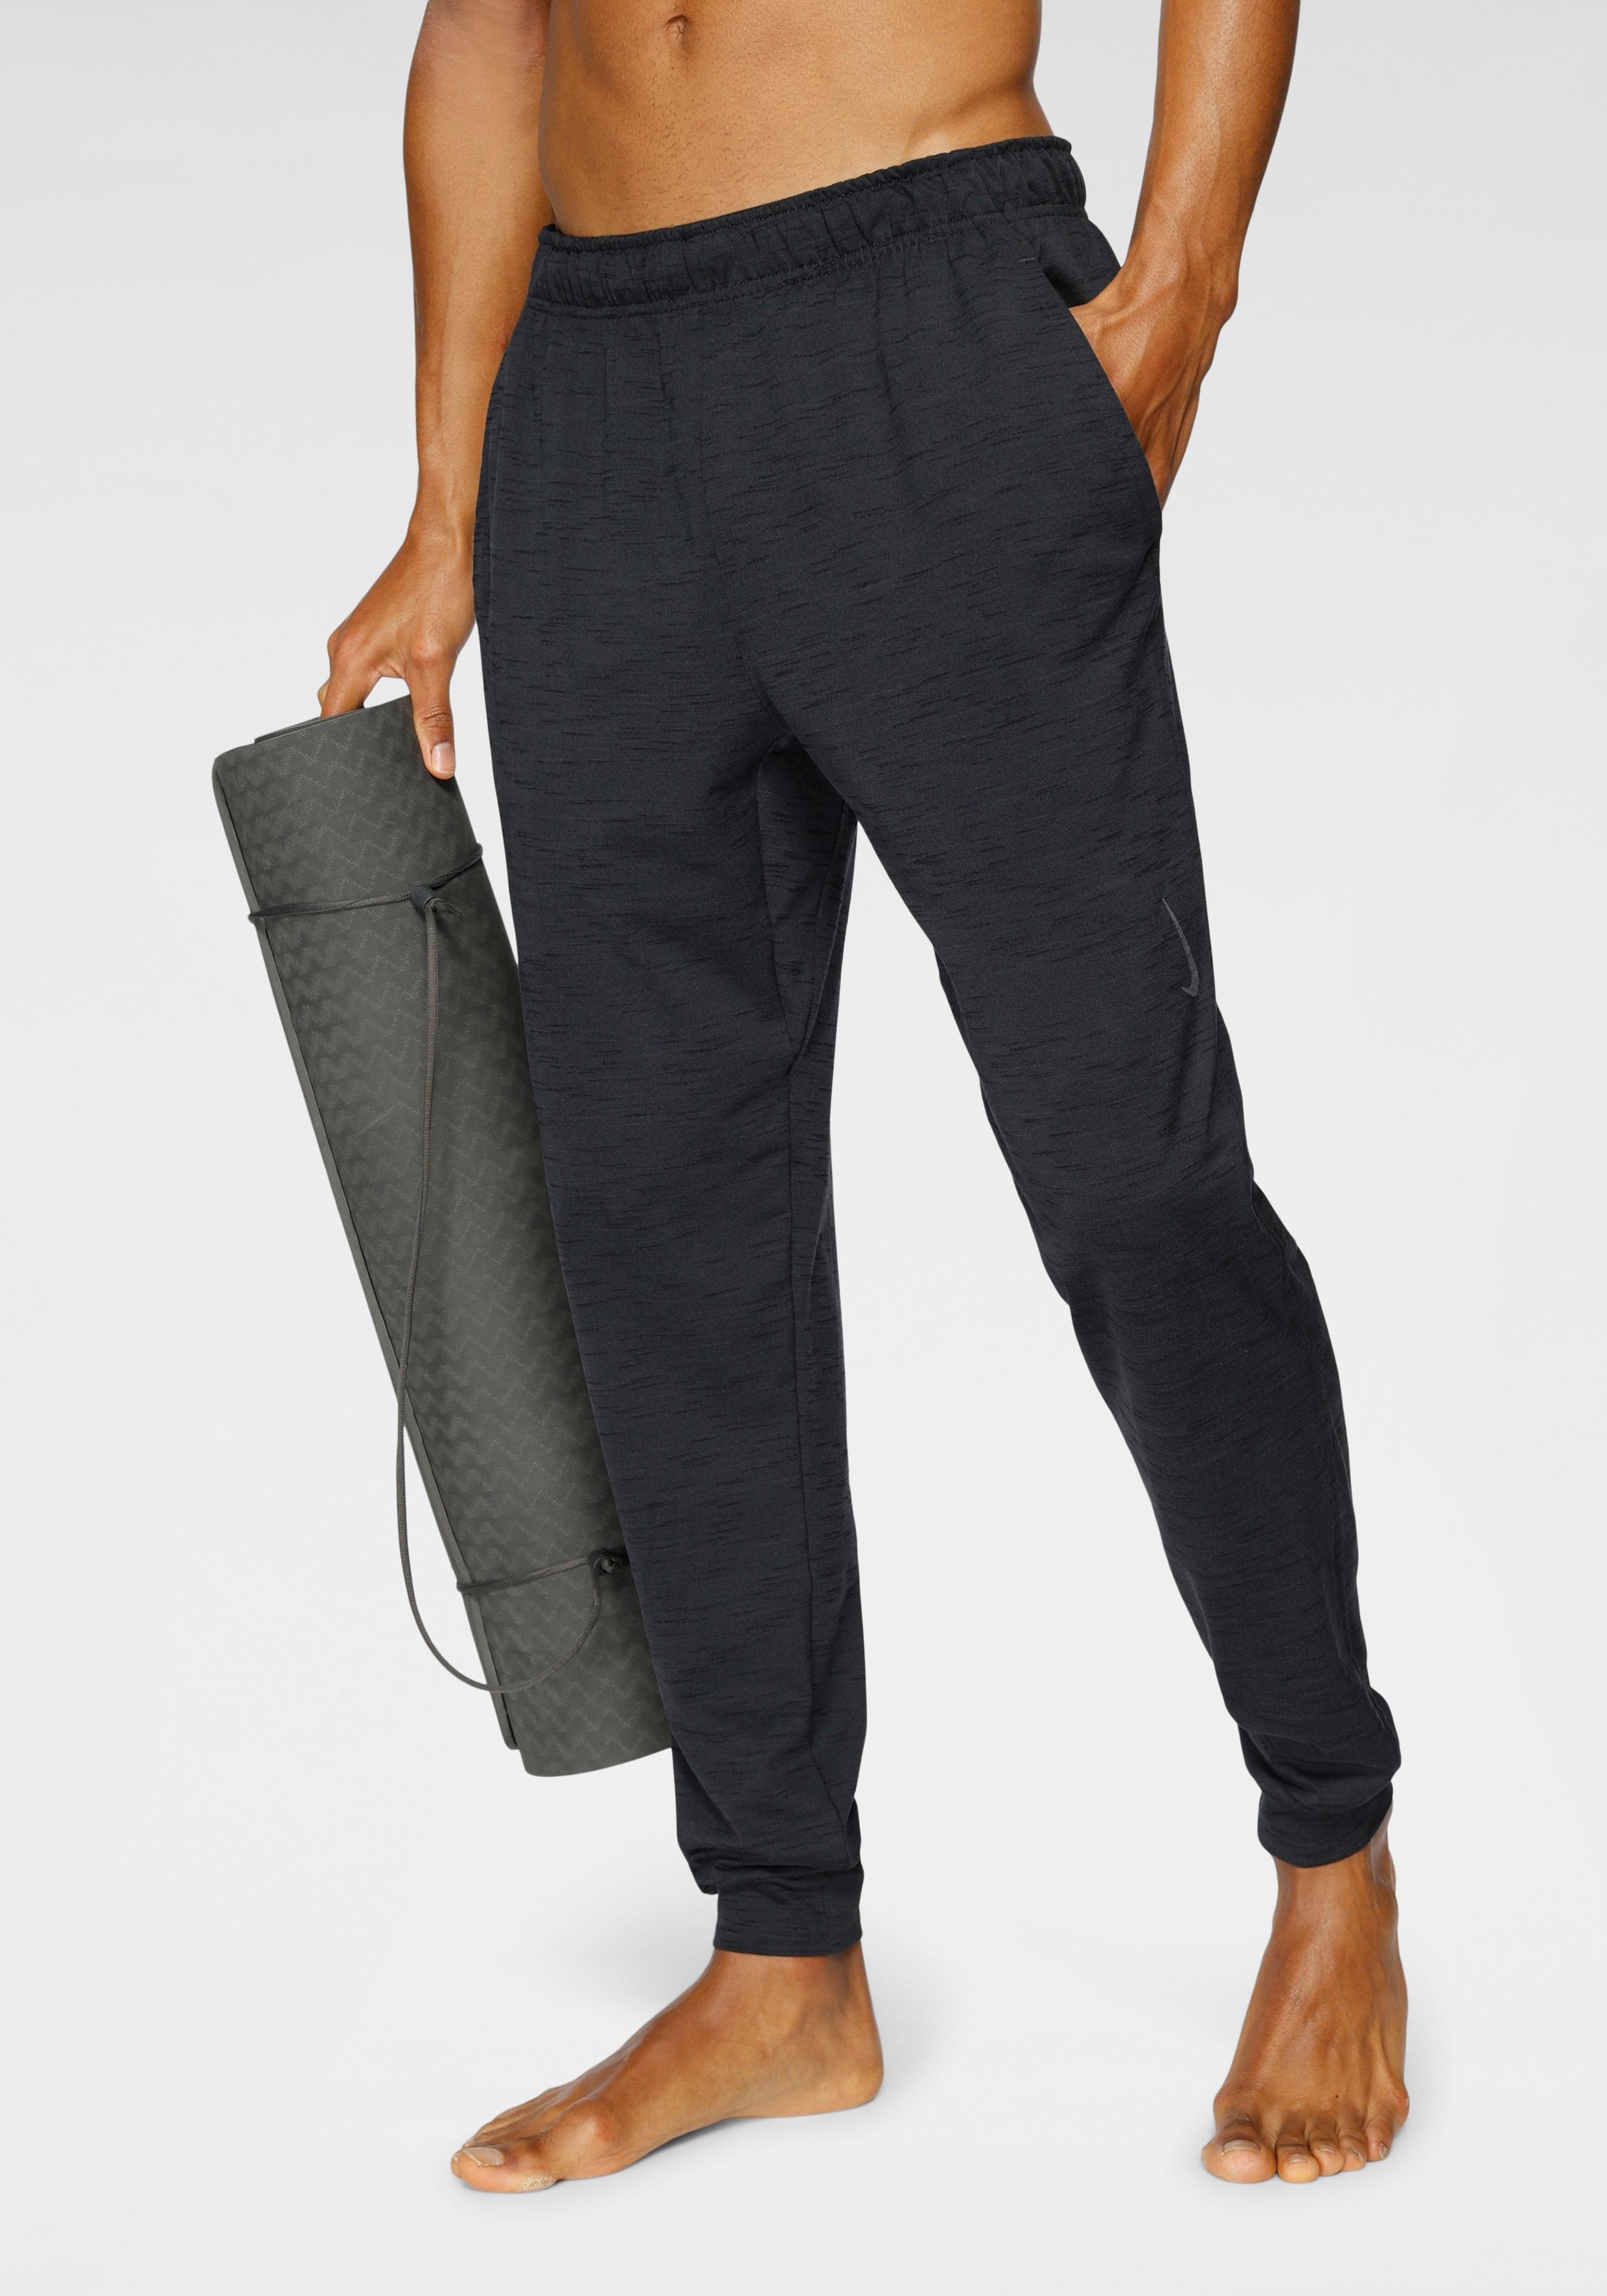 Nike Yogahose Yoga Dri-fit Men's Pants schwarz Herren Hosen